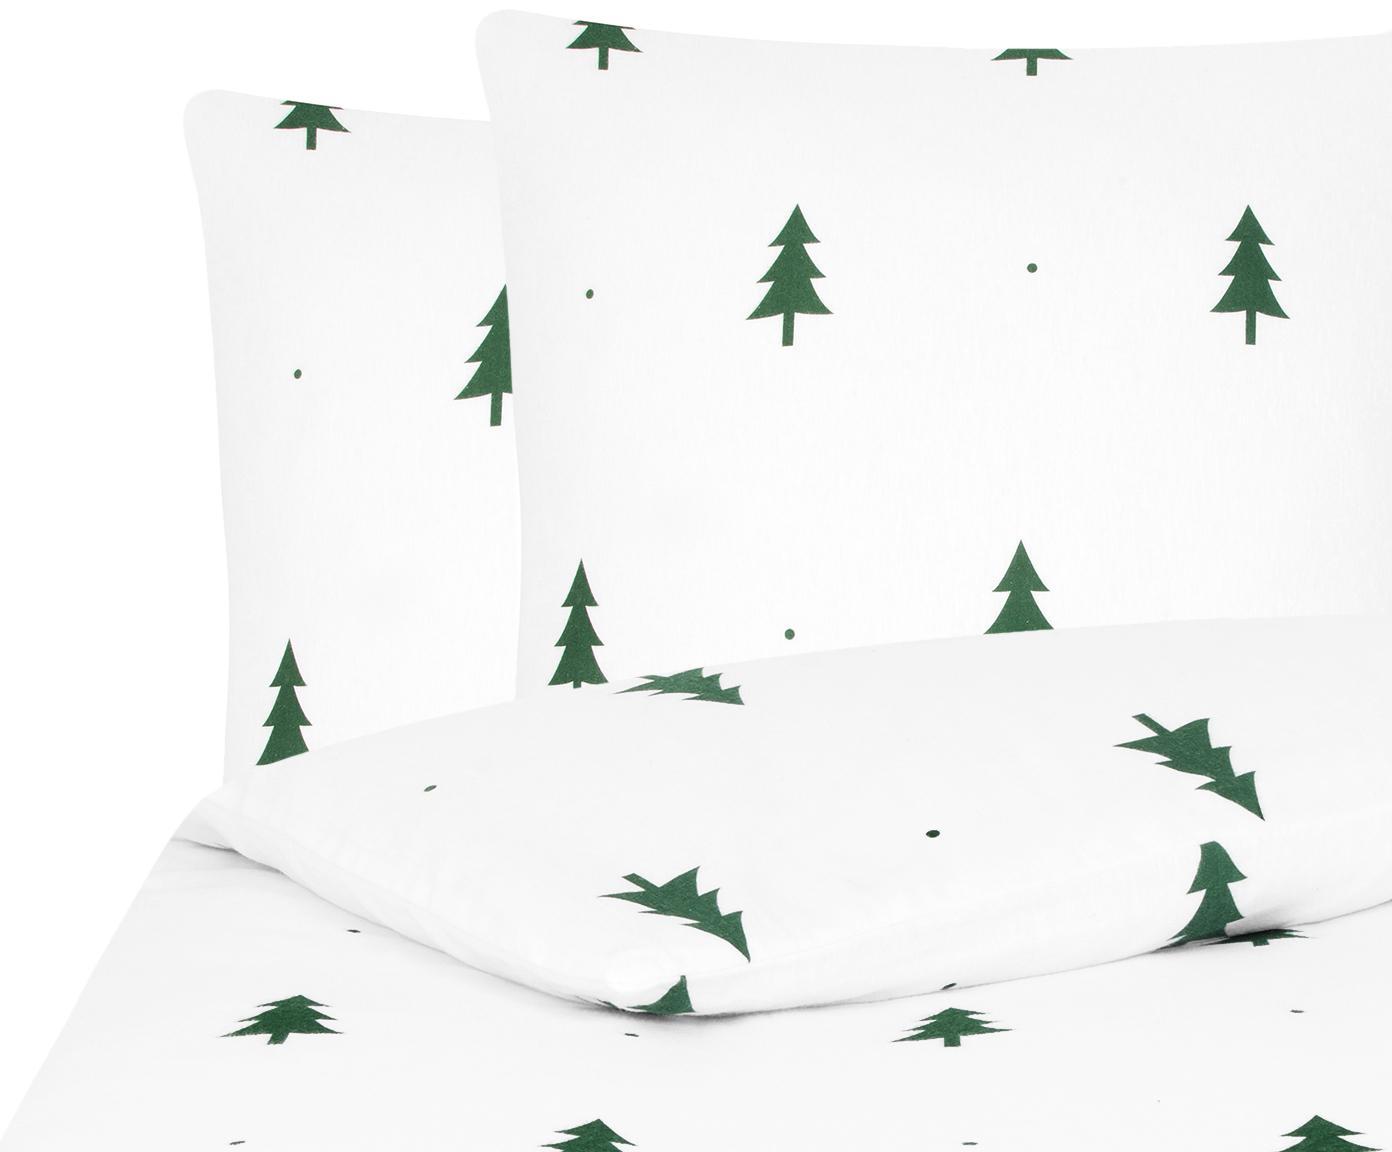 Flanell-Bettwäsche X-mas Tree in Weiß/Grün, Webart: Flanell Flanell ist ein s, Weiß, Grün, 200 x 200 cm